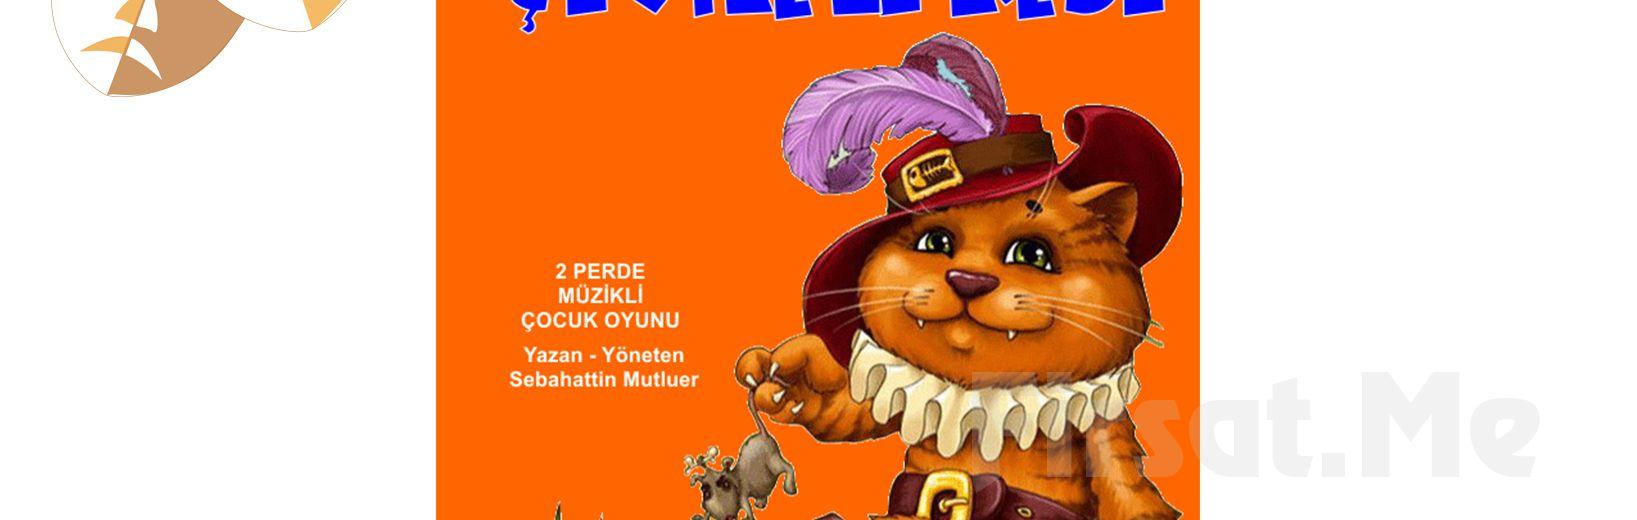 Çocuklarınız için ÇİZMELİ KEDİ Tiyatro Oyun Bileti